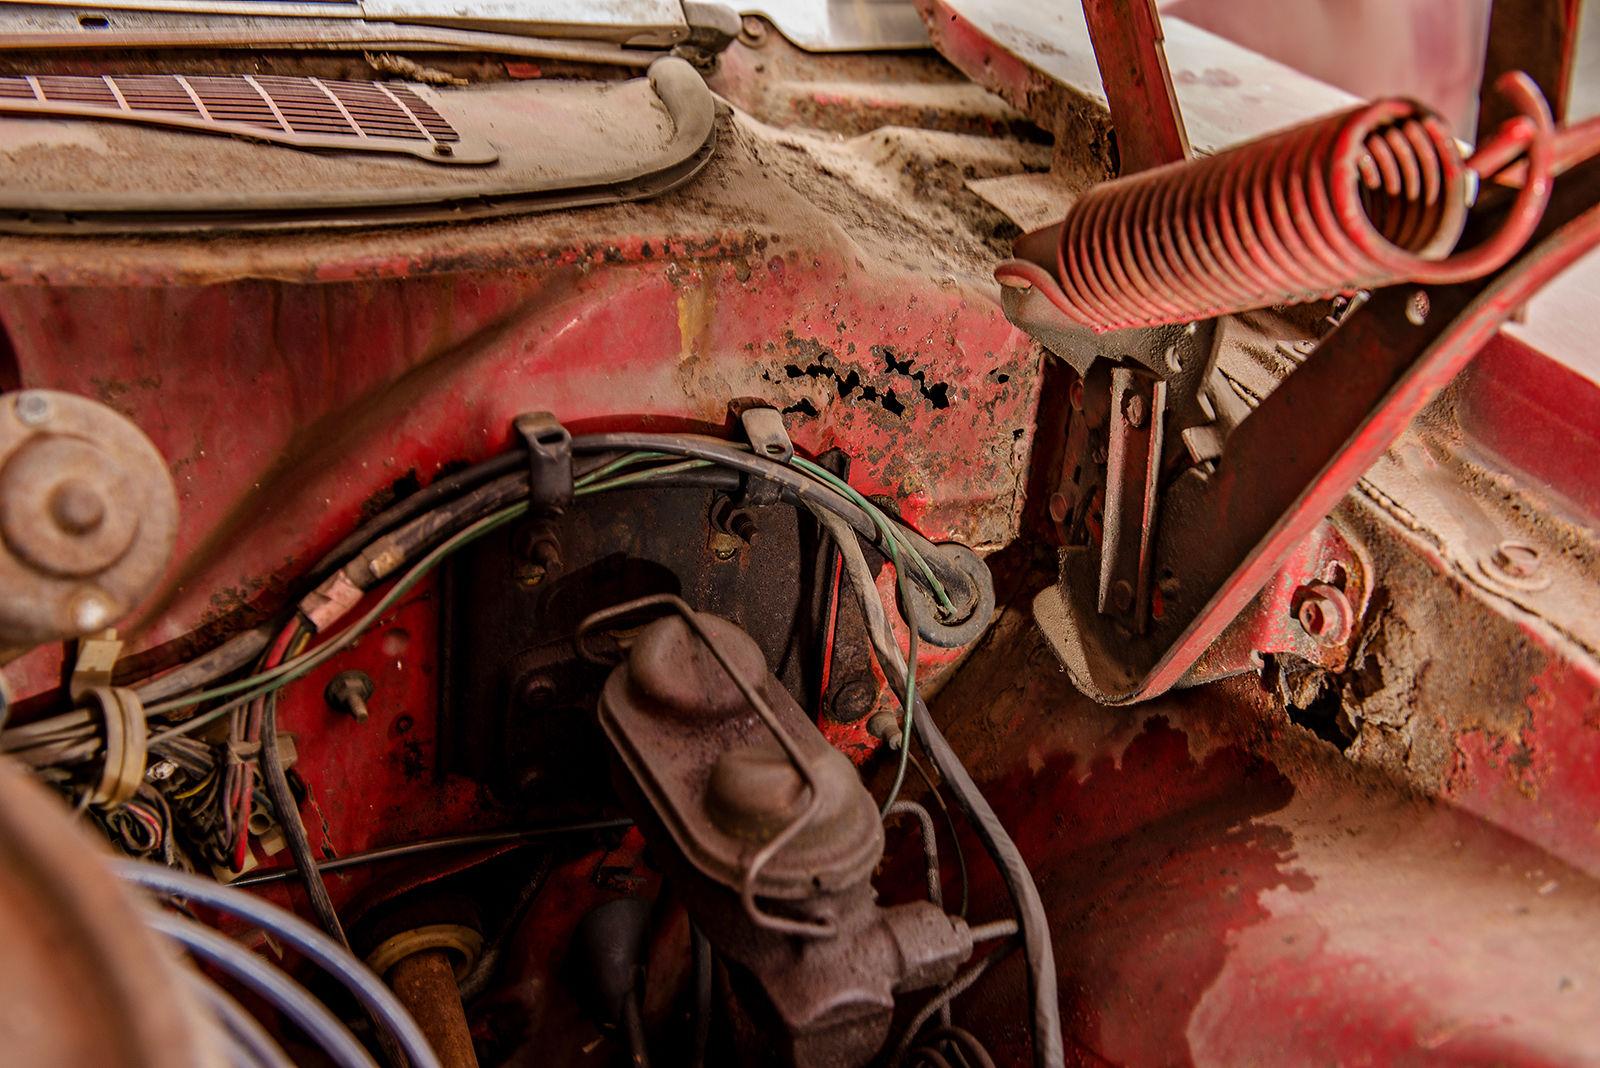 2016 Dodge Barracuda >> 1971 Plymouth Barracuda on eBay | Mopar Blog